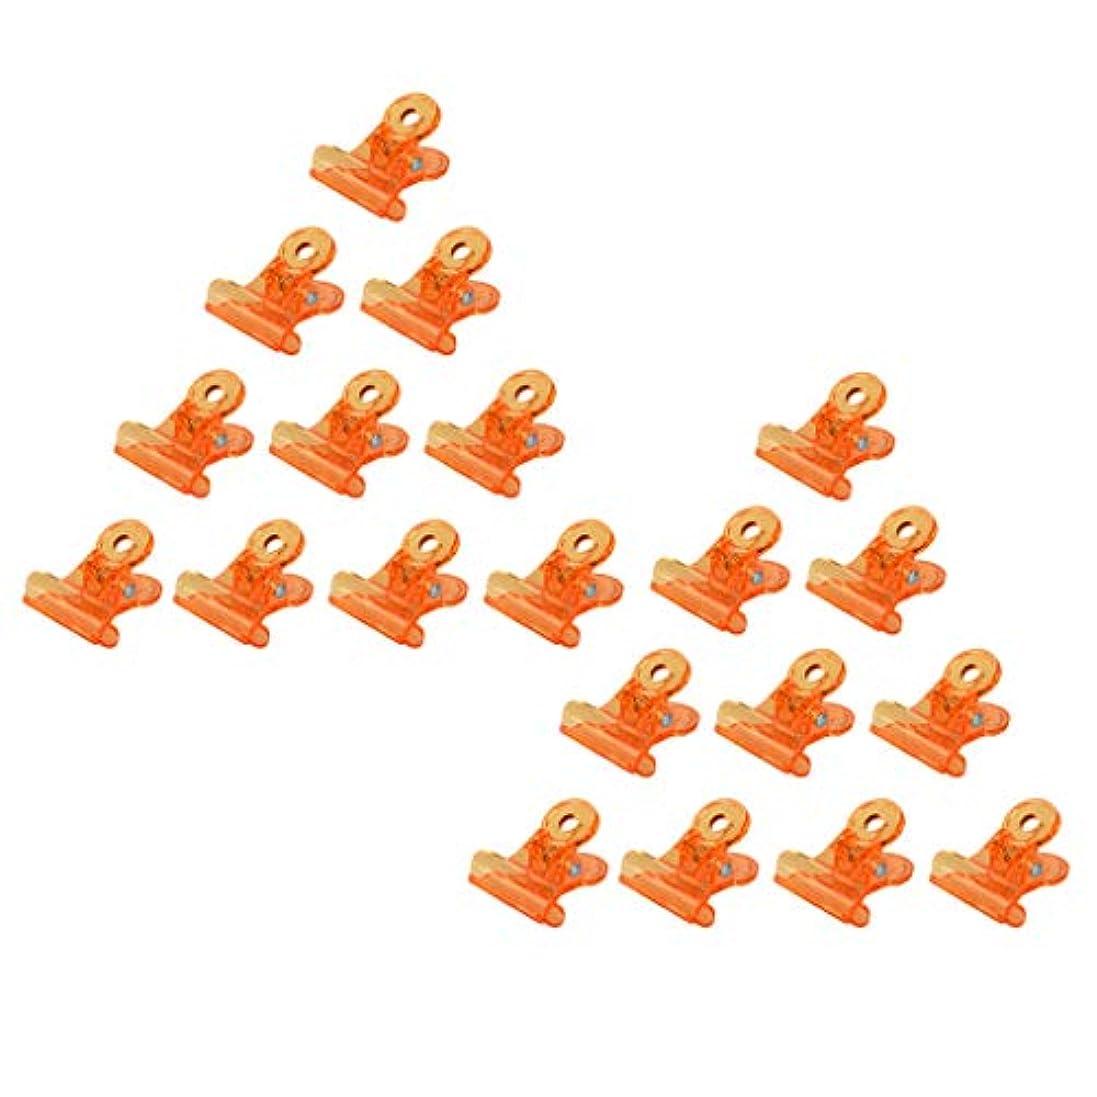 生理交通付き添い人Toygogo 20xプレミアムオレンジソークオフジェルネイルアートラップクリップマニキュアリムーバークリップ